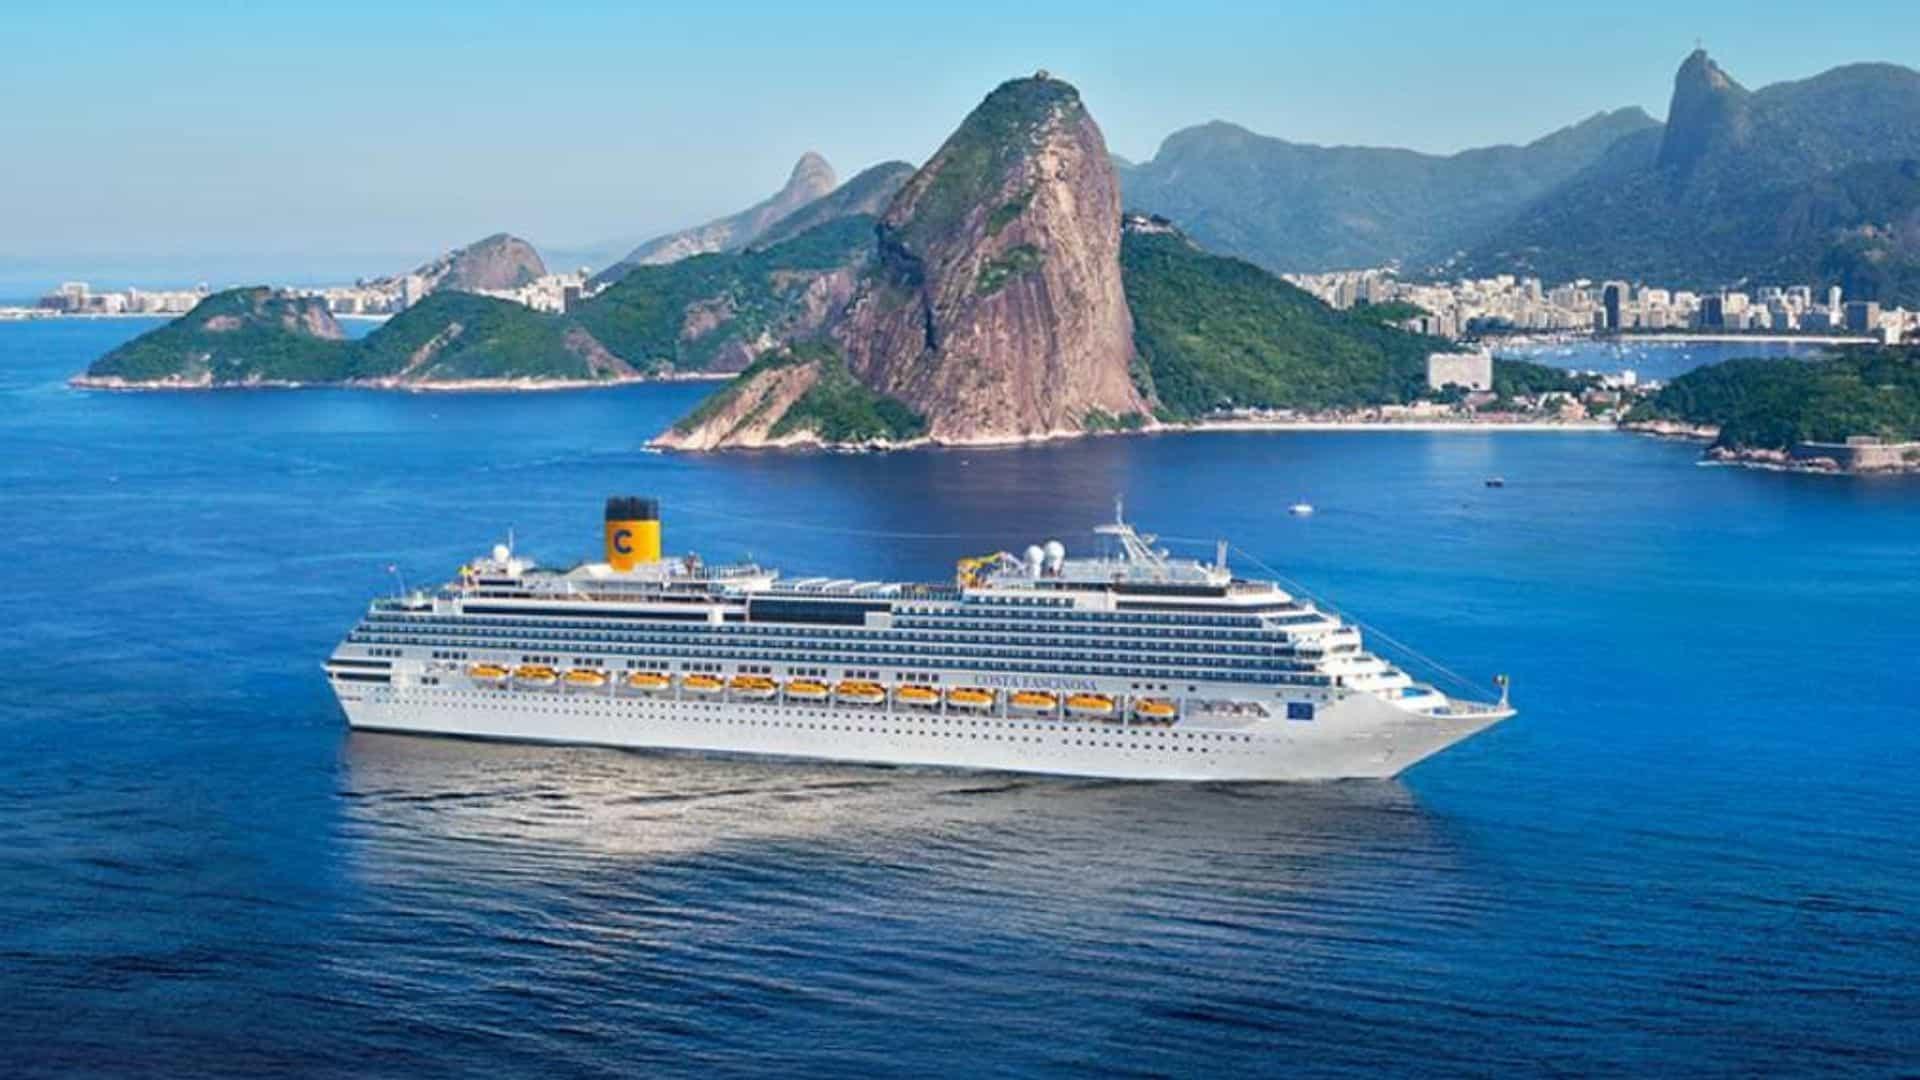 Costa Cruceros presenta sus nuevos protocolos de seguridad triple prueba COVID-19, menos pasajeros y adiós a los restaurantes de autoservicio 1